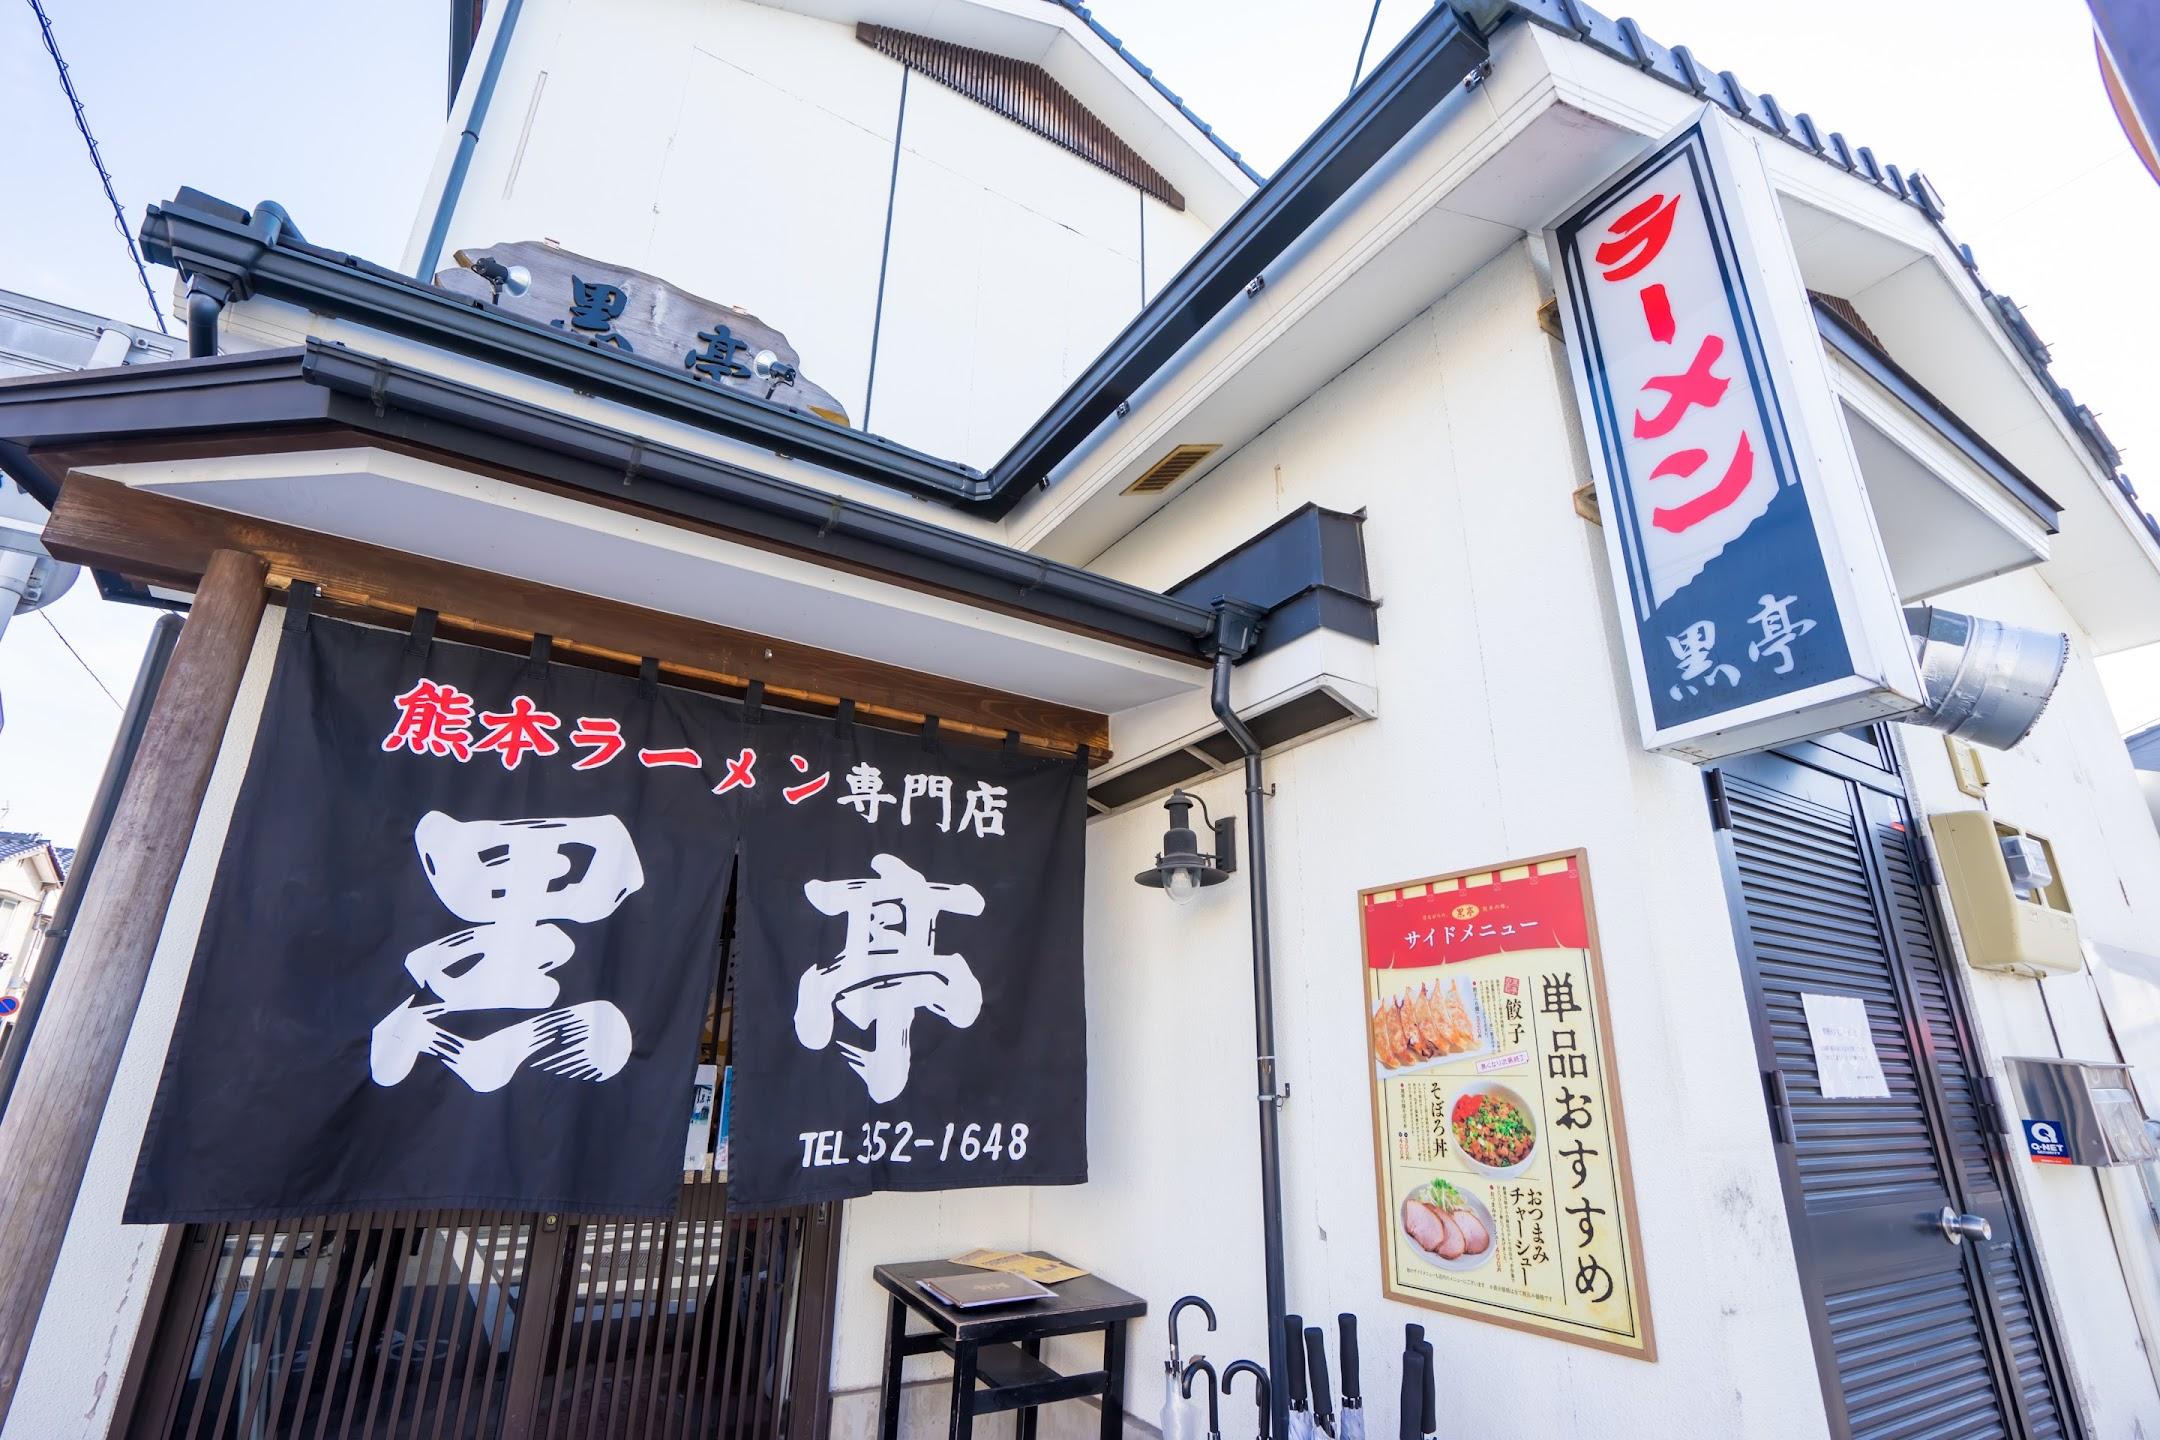 熊本 ラーメン 黒亭1